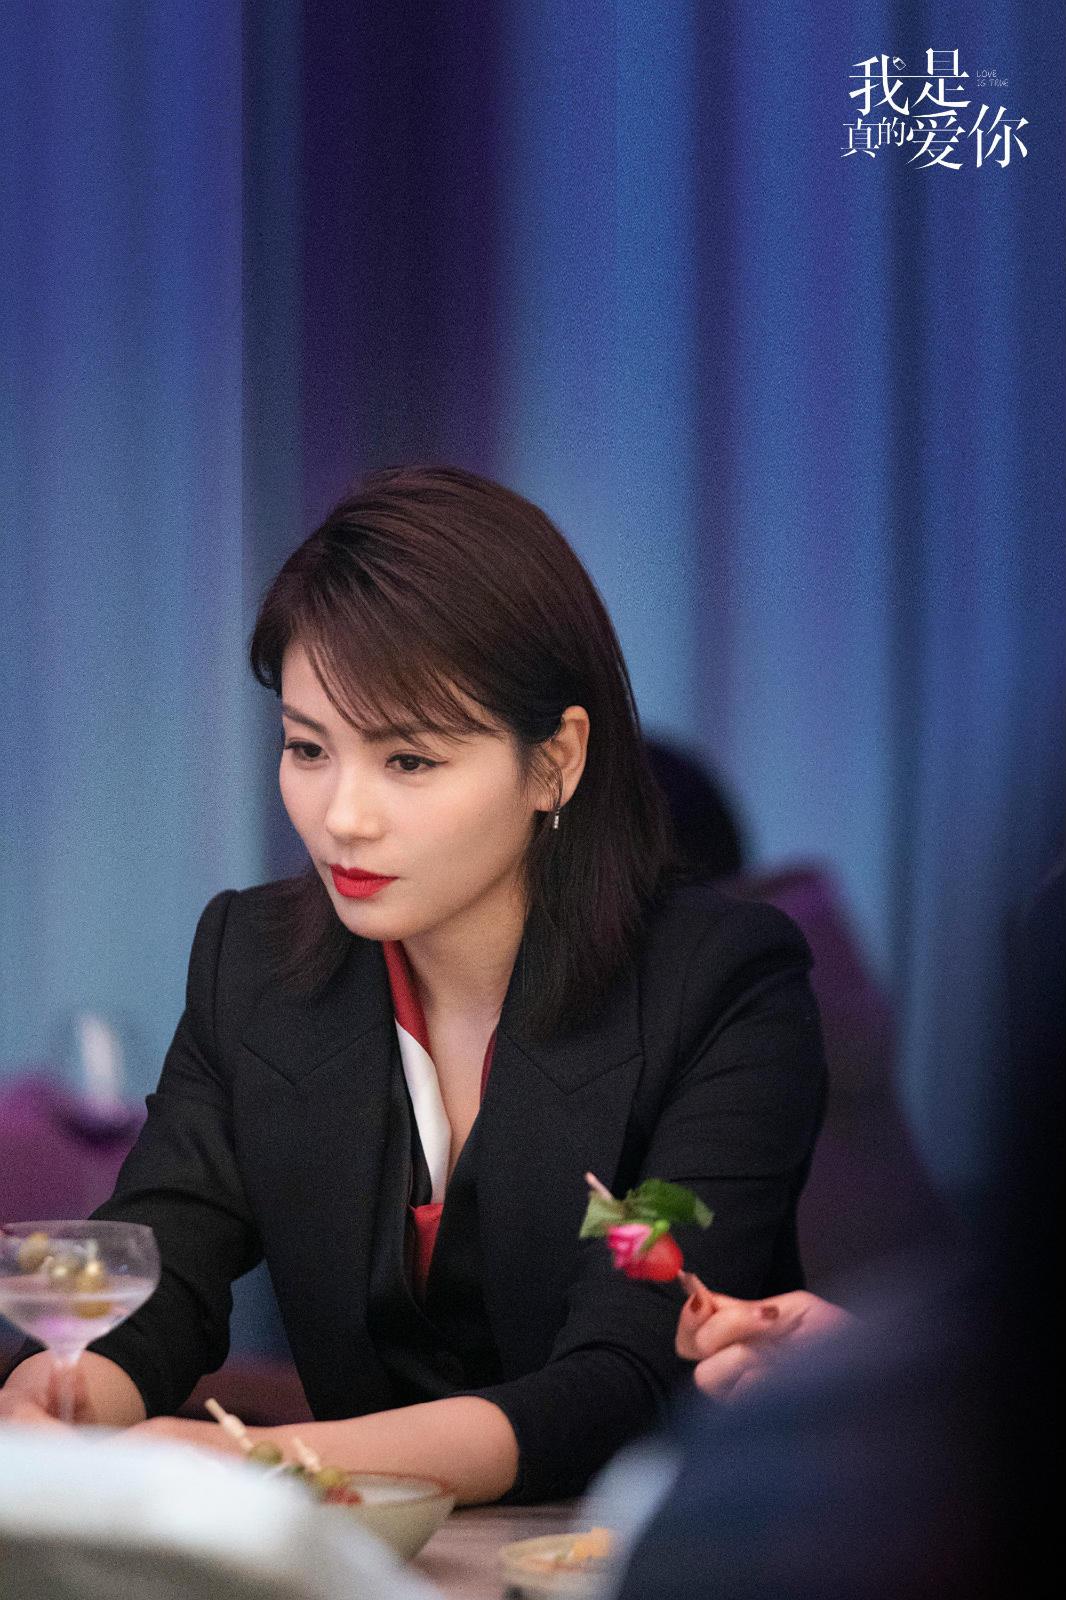 《我是真的爱你》热播中 刘涛为戏倒立一整天